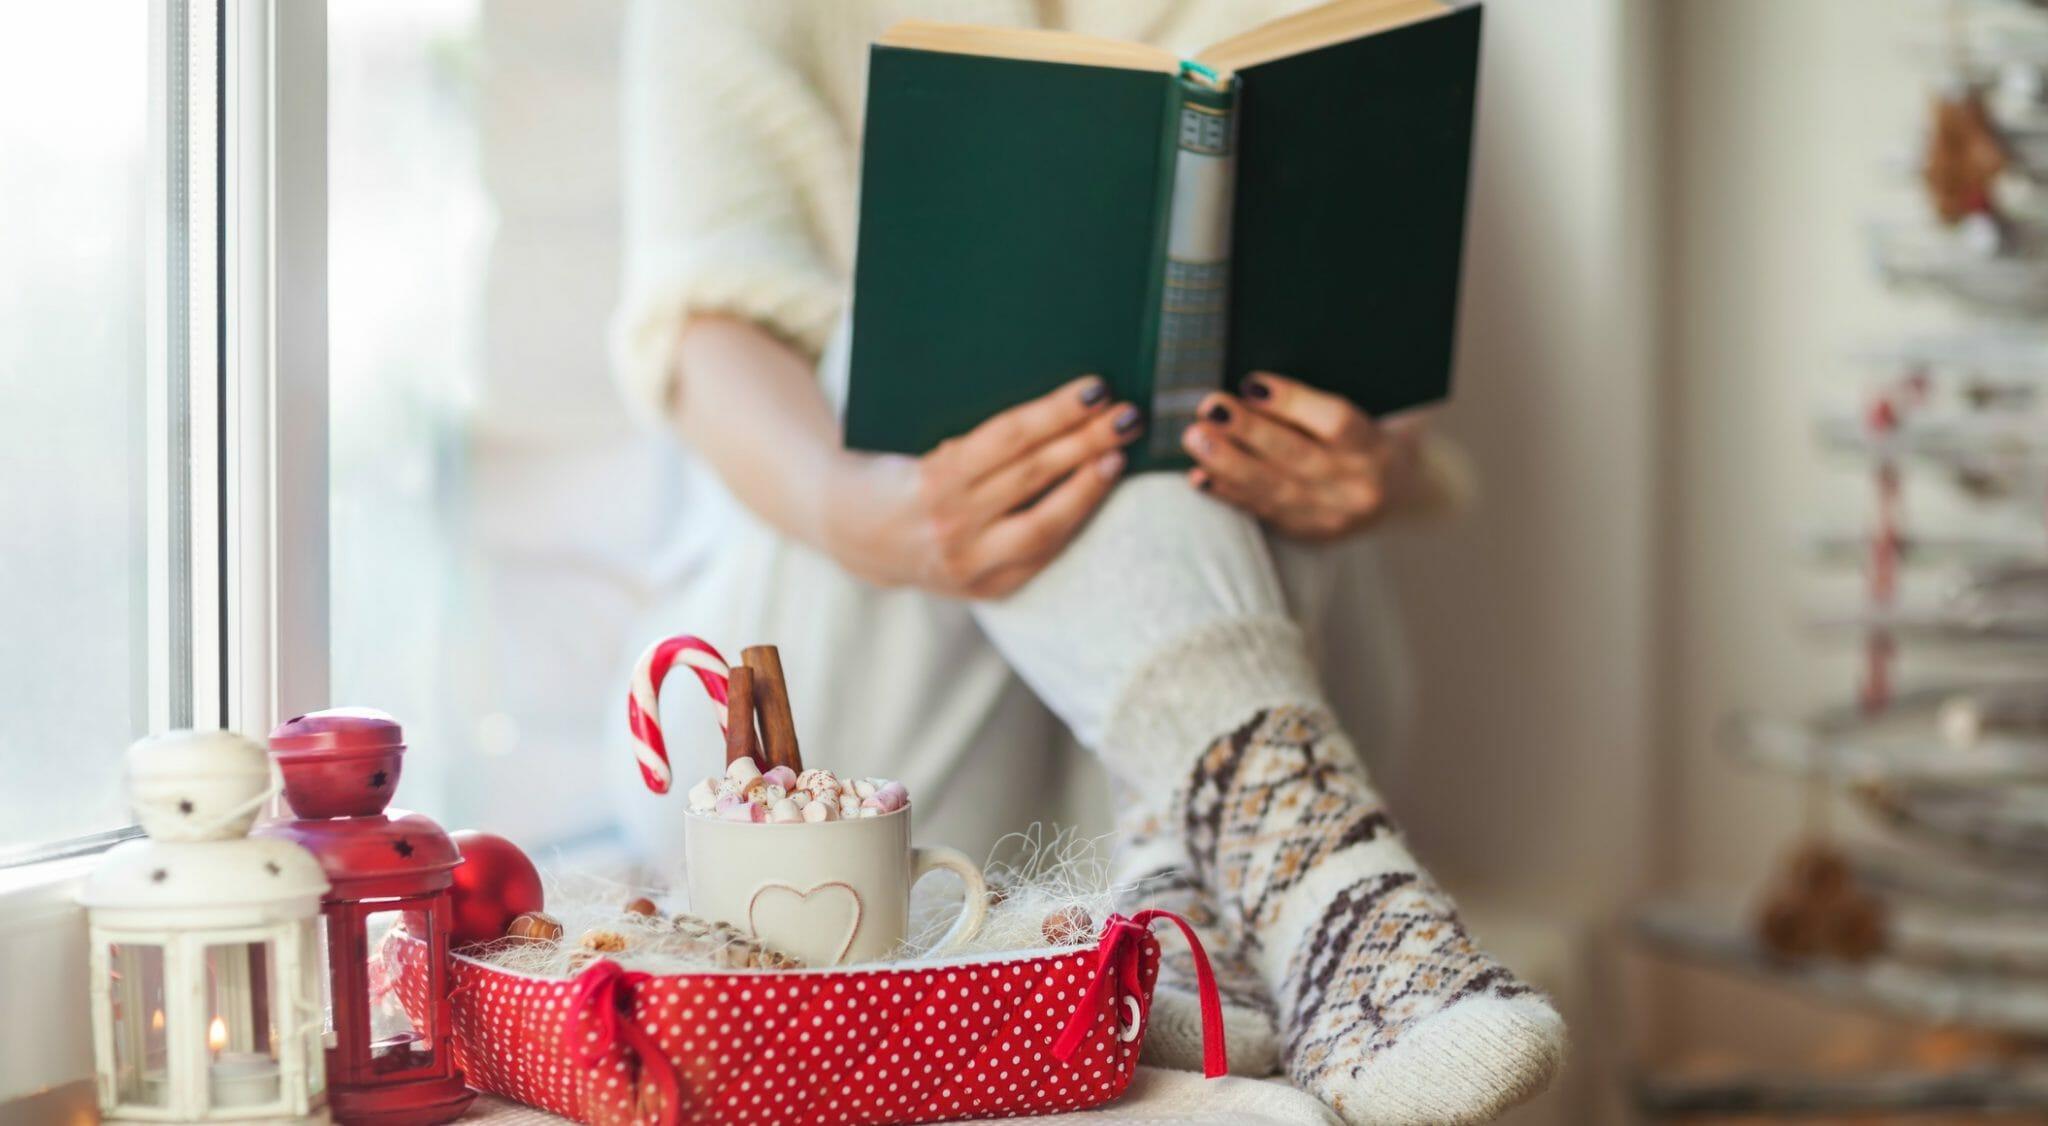 Cinque racconti da leggere in attesa del Natale: le scelte